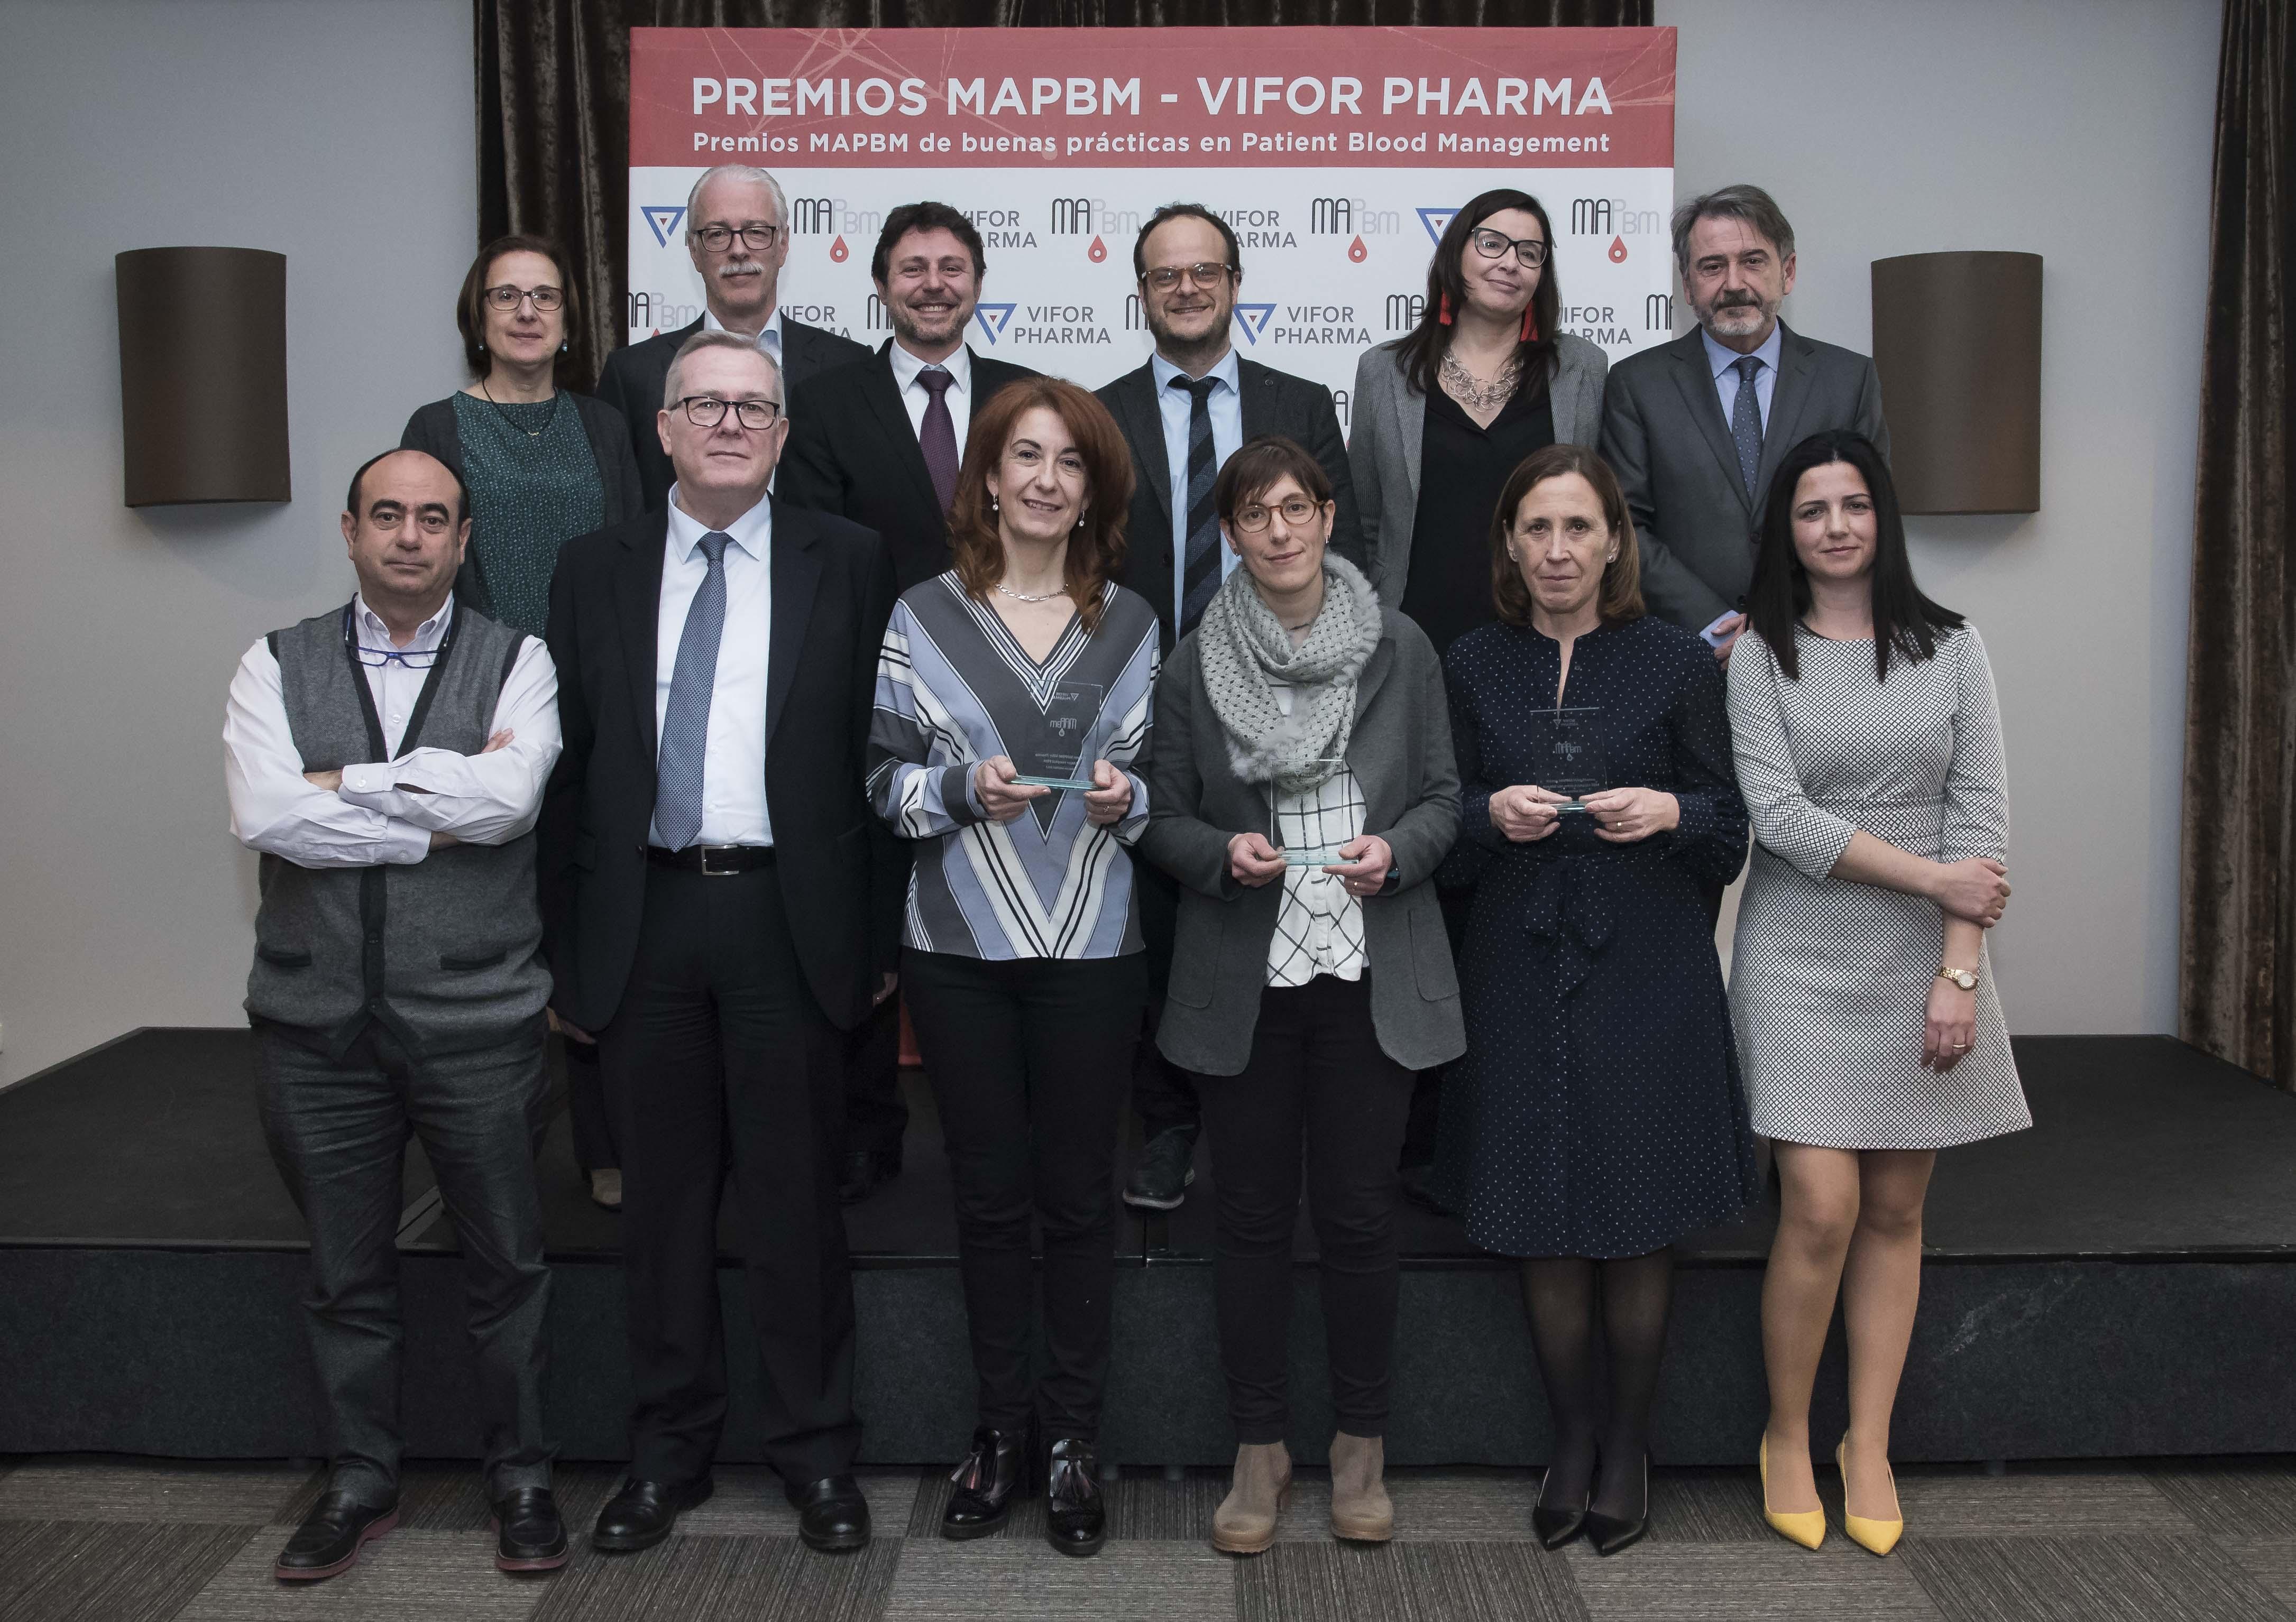 El Clínico de Valladolid, Hospital de Denia (Marina y Salud) y consorci corporació sanitària Parc Taulí de Sabadell, premiados por su buena práctica y resultados en el manejo de sangre del paciente